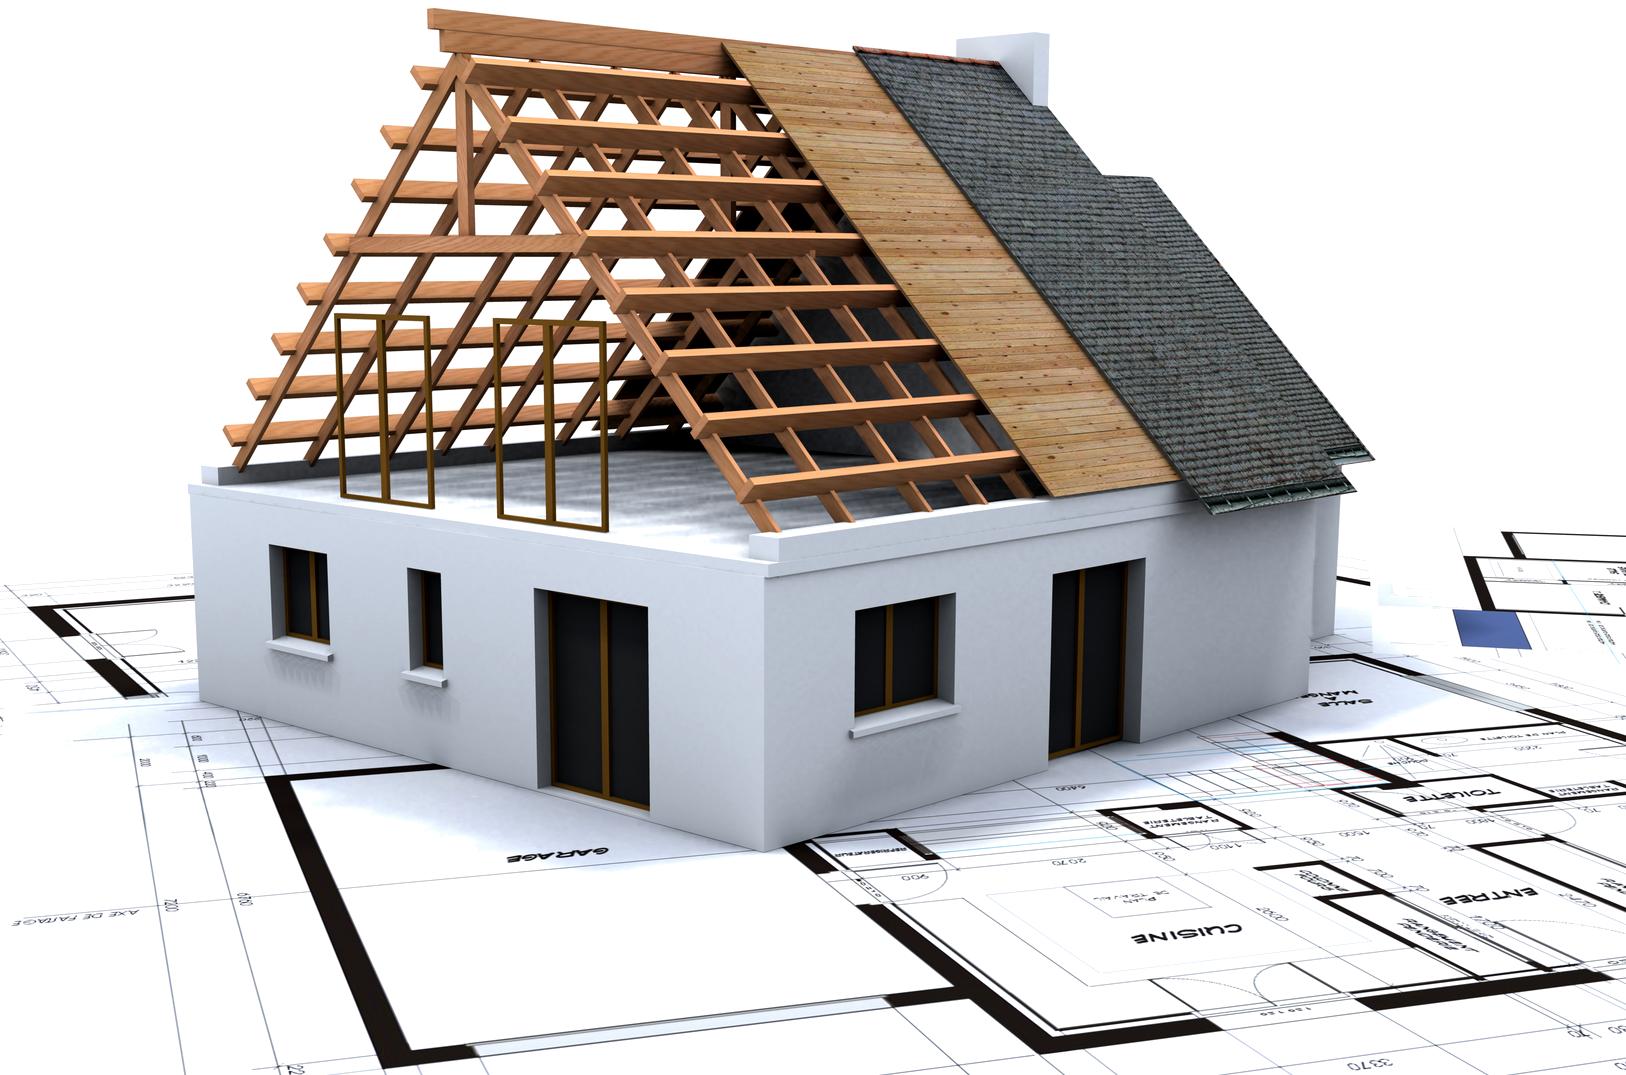 House construction clipart svg transparent Mdaka Construction | Home svg transparent